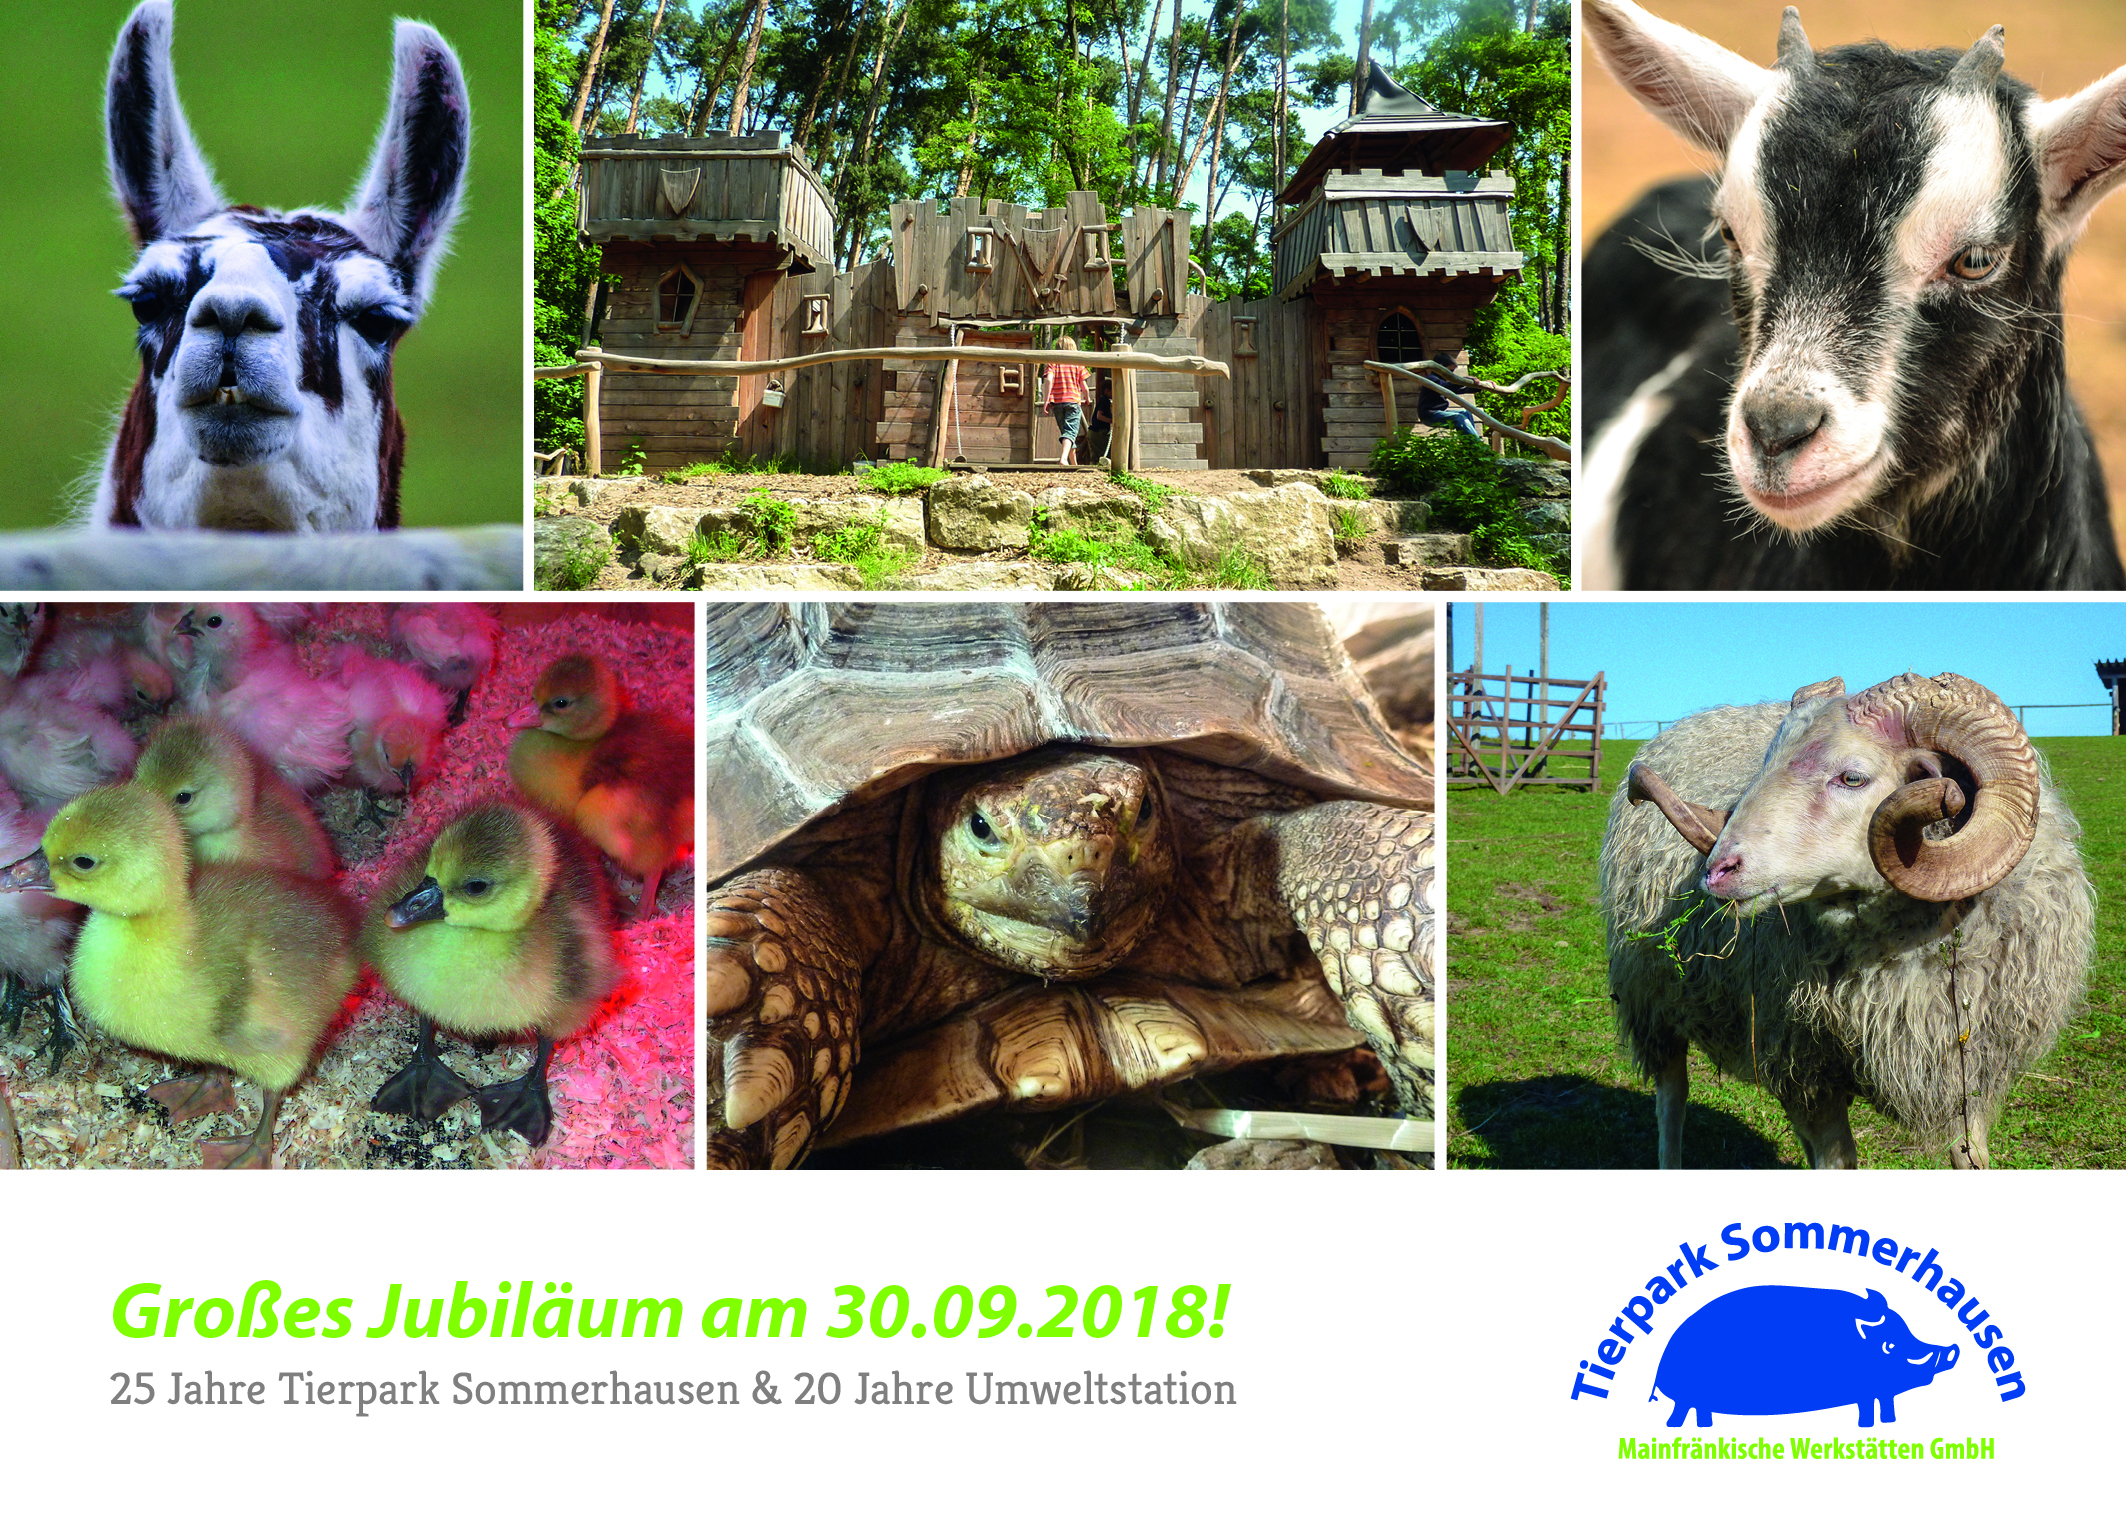 Jubiläumsfeier im Tierpark Sommerhausen